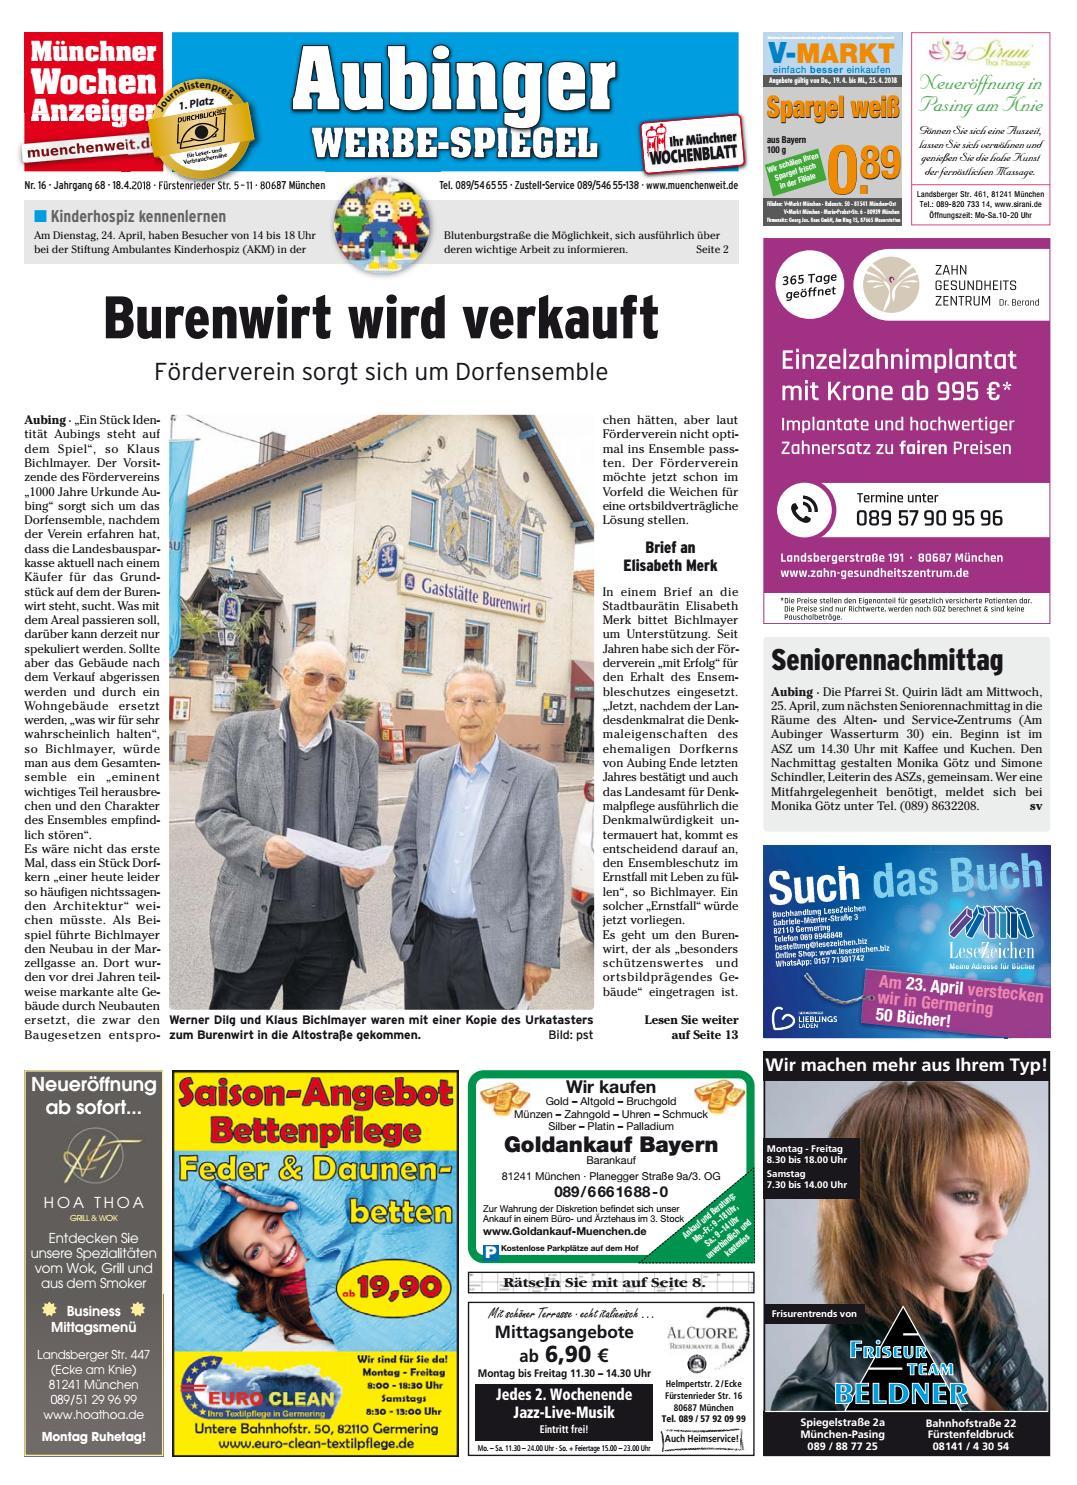 Wohnwagen-Netz hakt Vorsprung an